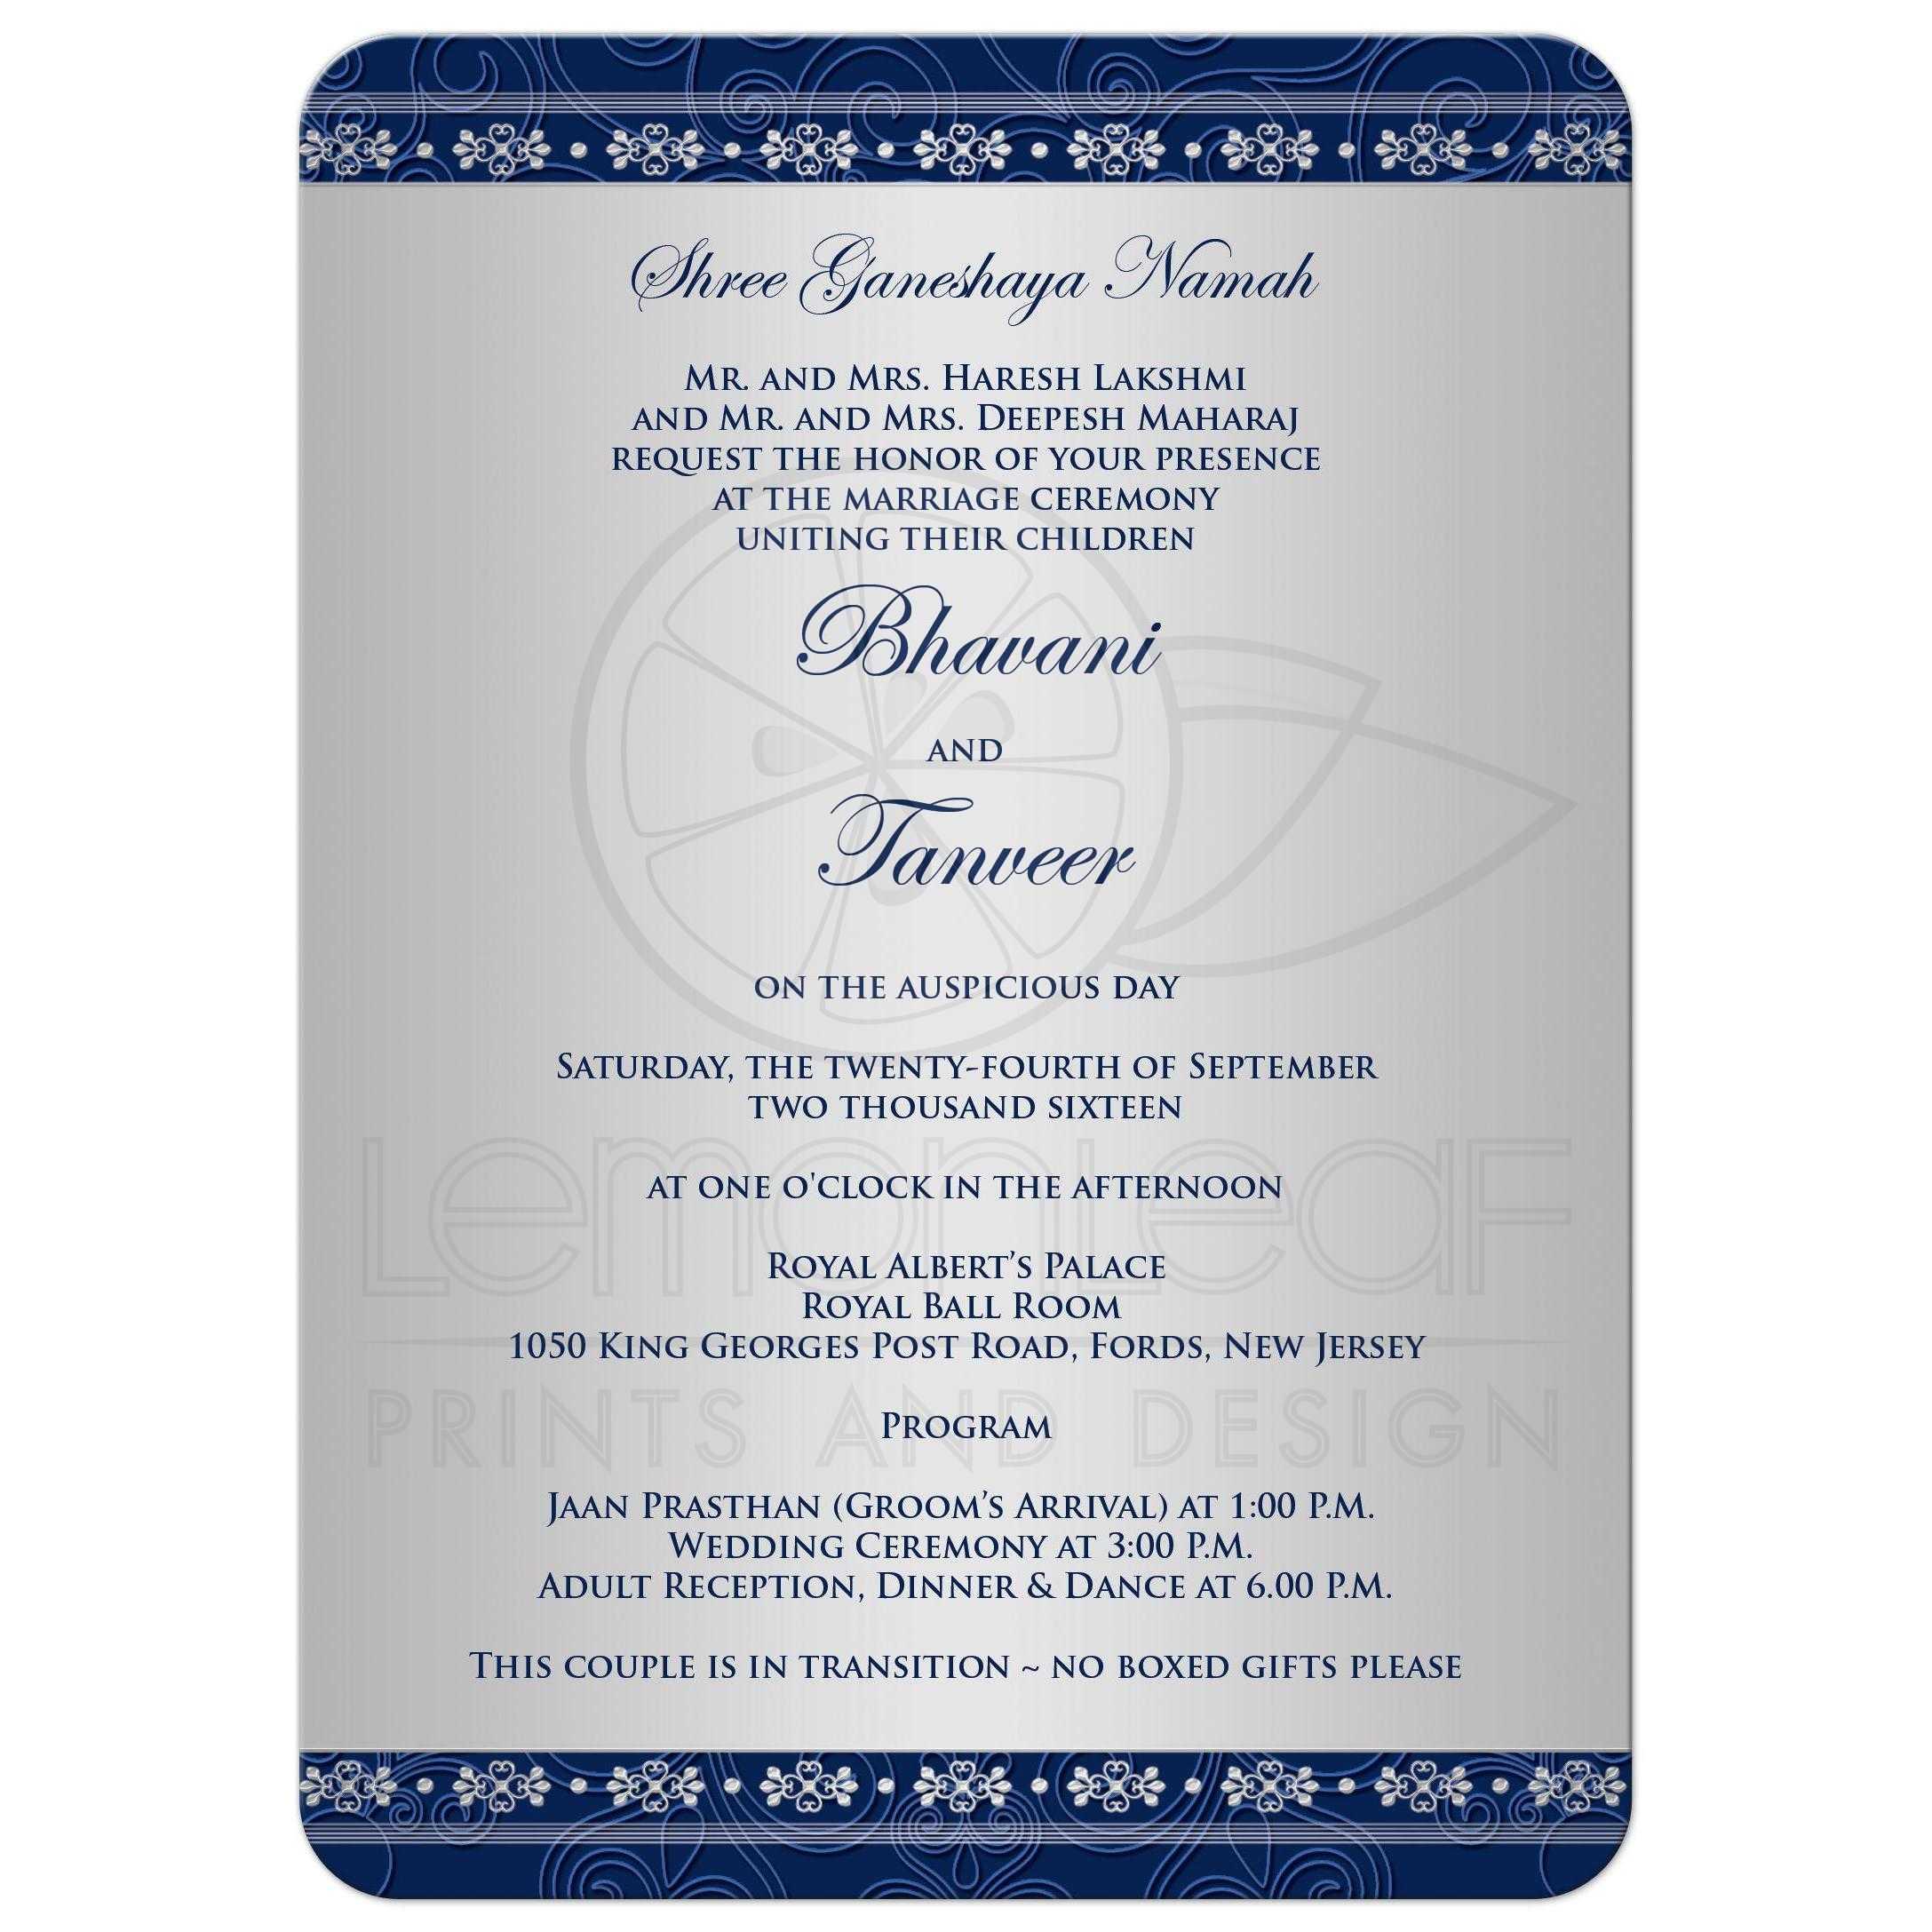 Silver Indian Wedding Invitation: Hindu Ganesh Blue, Silver Scrolls, Stars